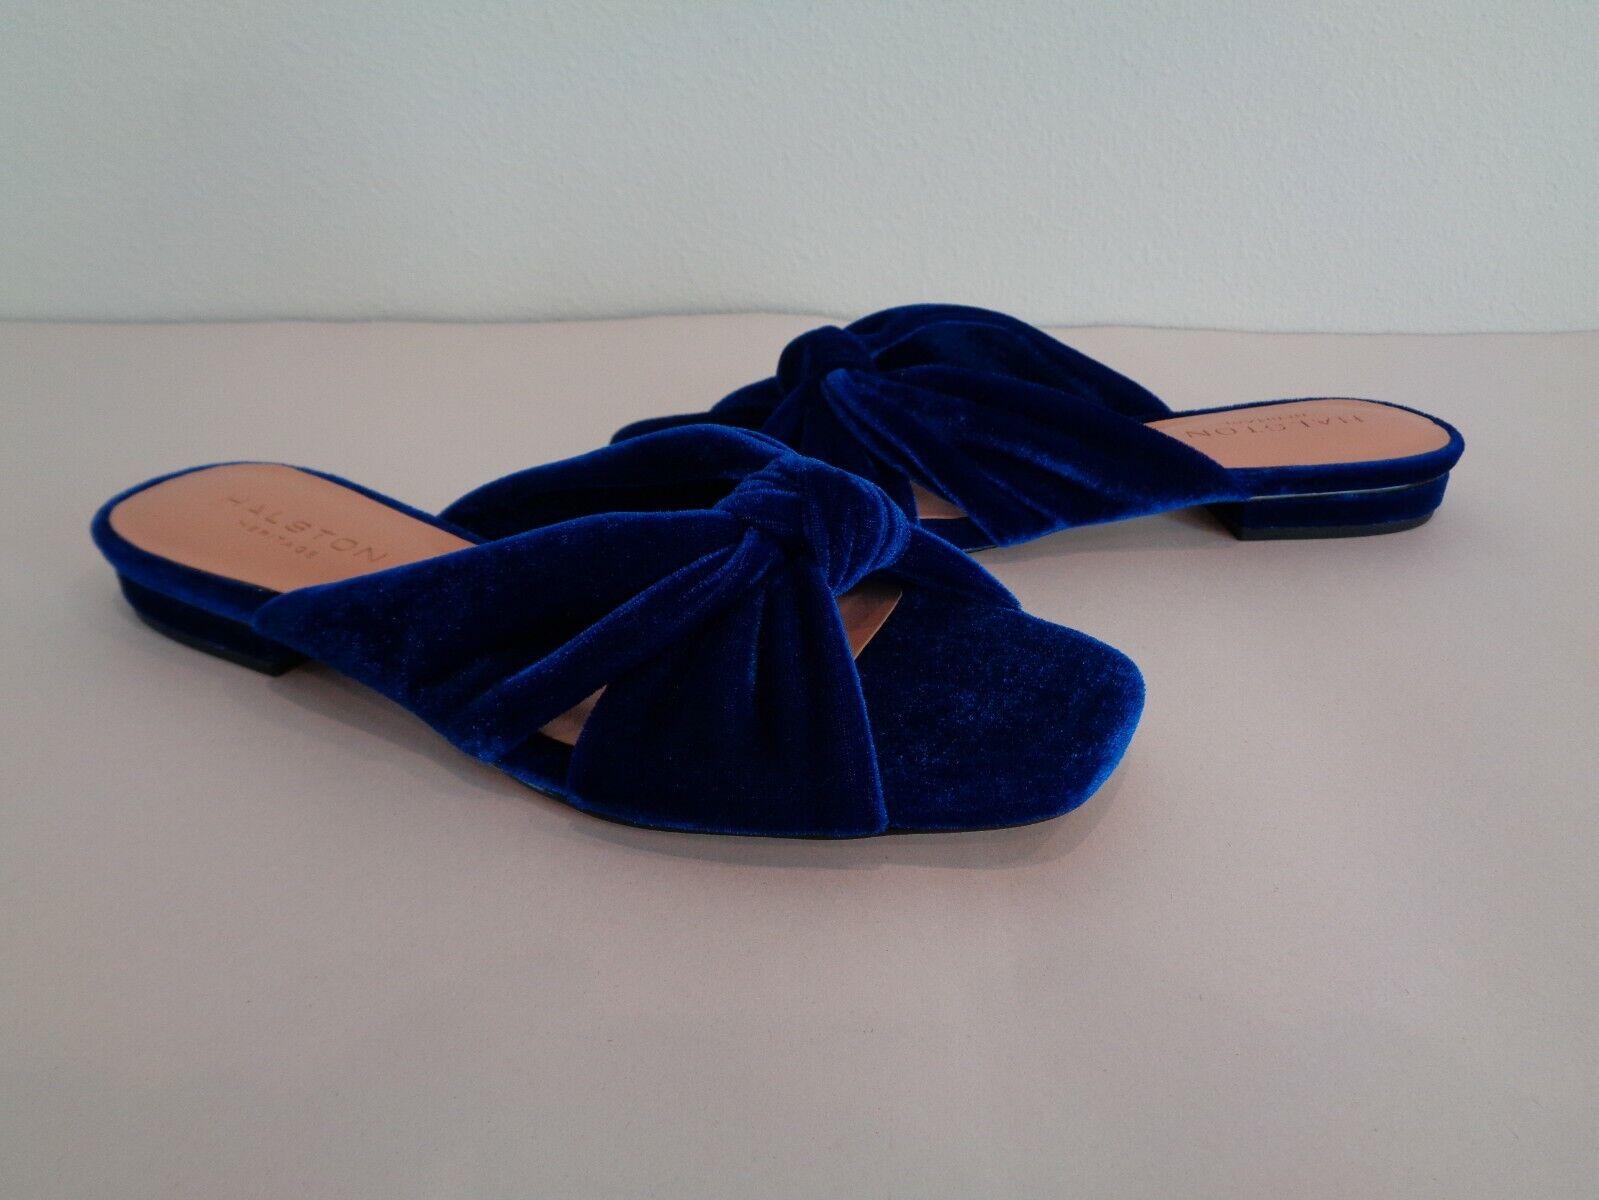 HALSTON Heritage Taille 6 M Ginny indigo en en en velours Slides Sandales Pour Femme Chaussures c29c9c